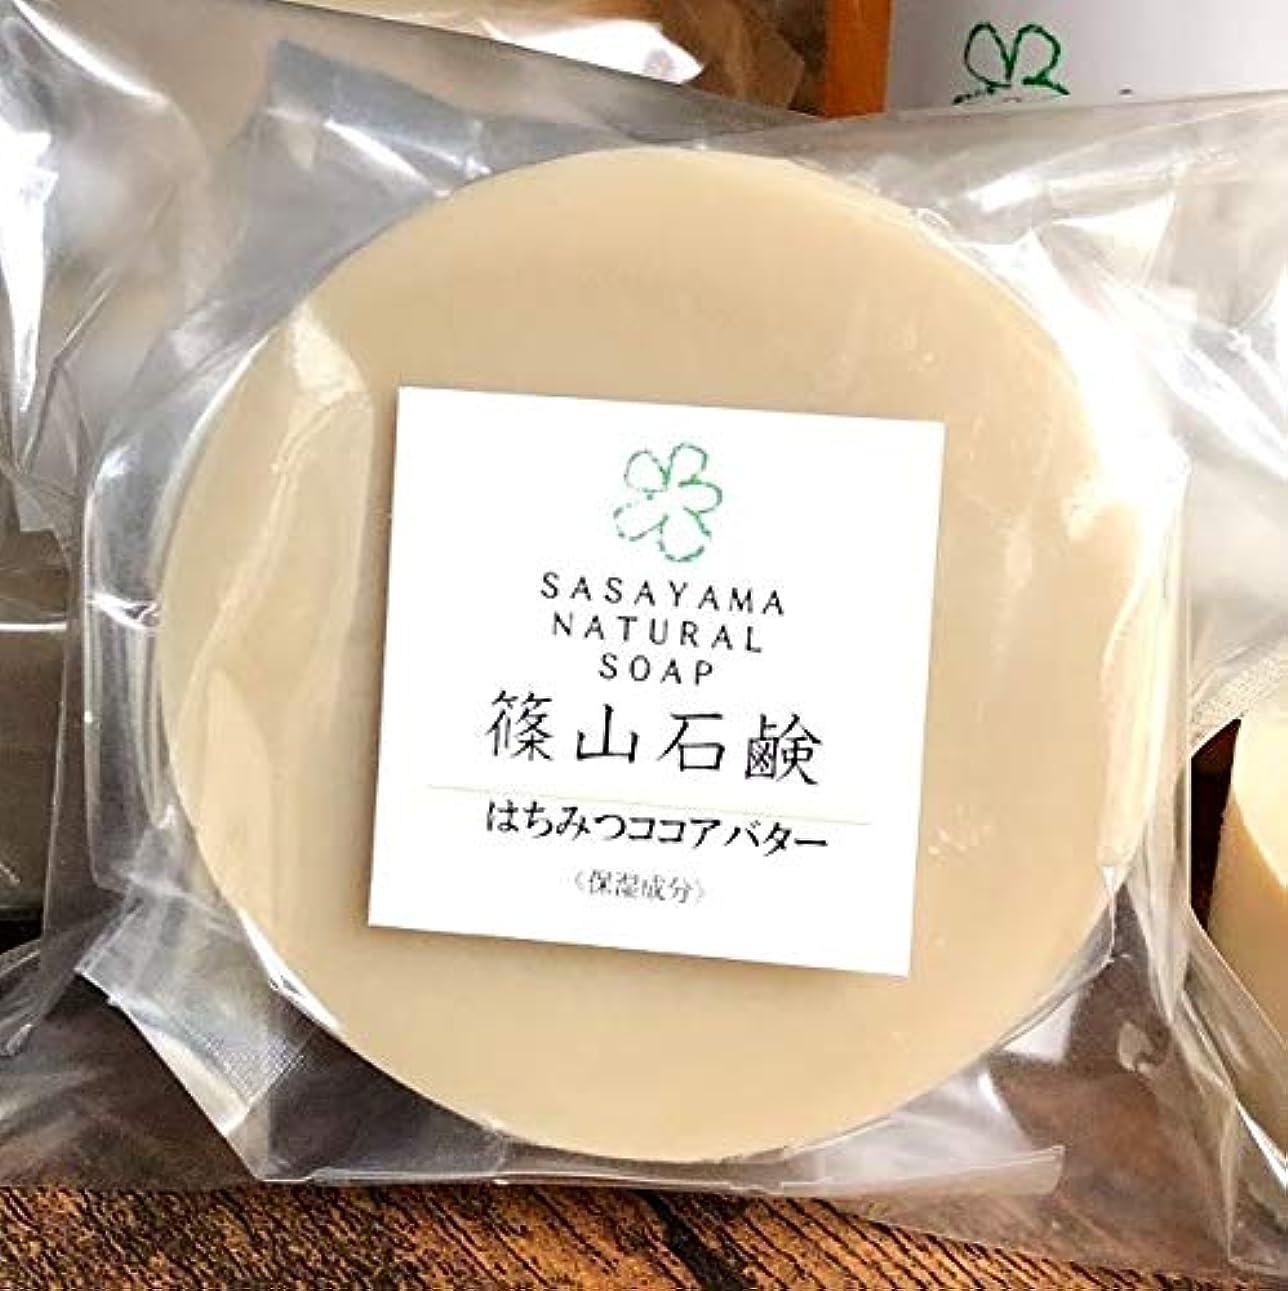 ガス迷路みすぼらしい篠山石鹸 はちみつココアバター 85g ミツバチ農家が作るった「ハチミツ洗顔せっけん」) コールドプロセス製法